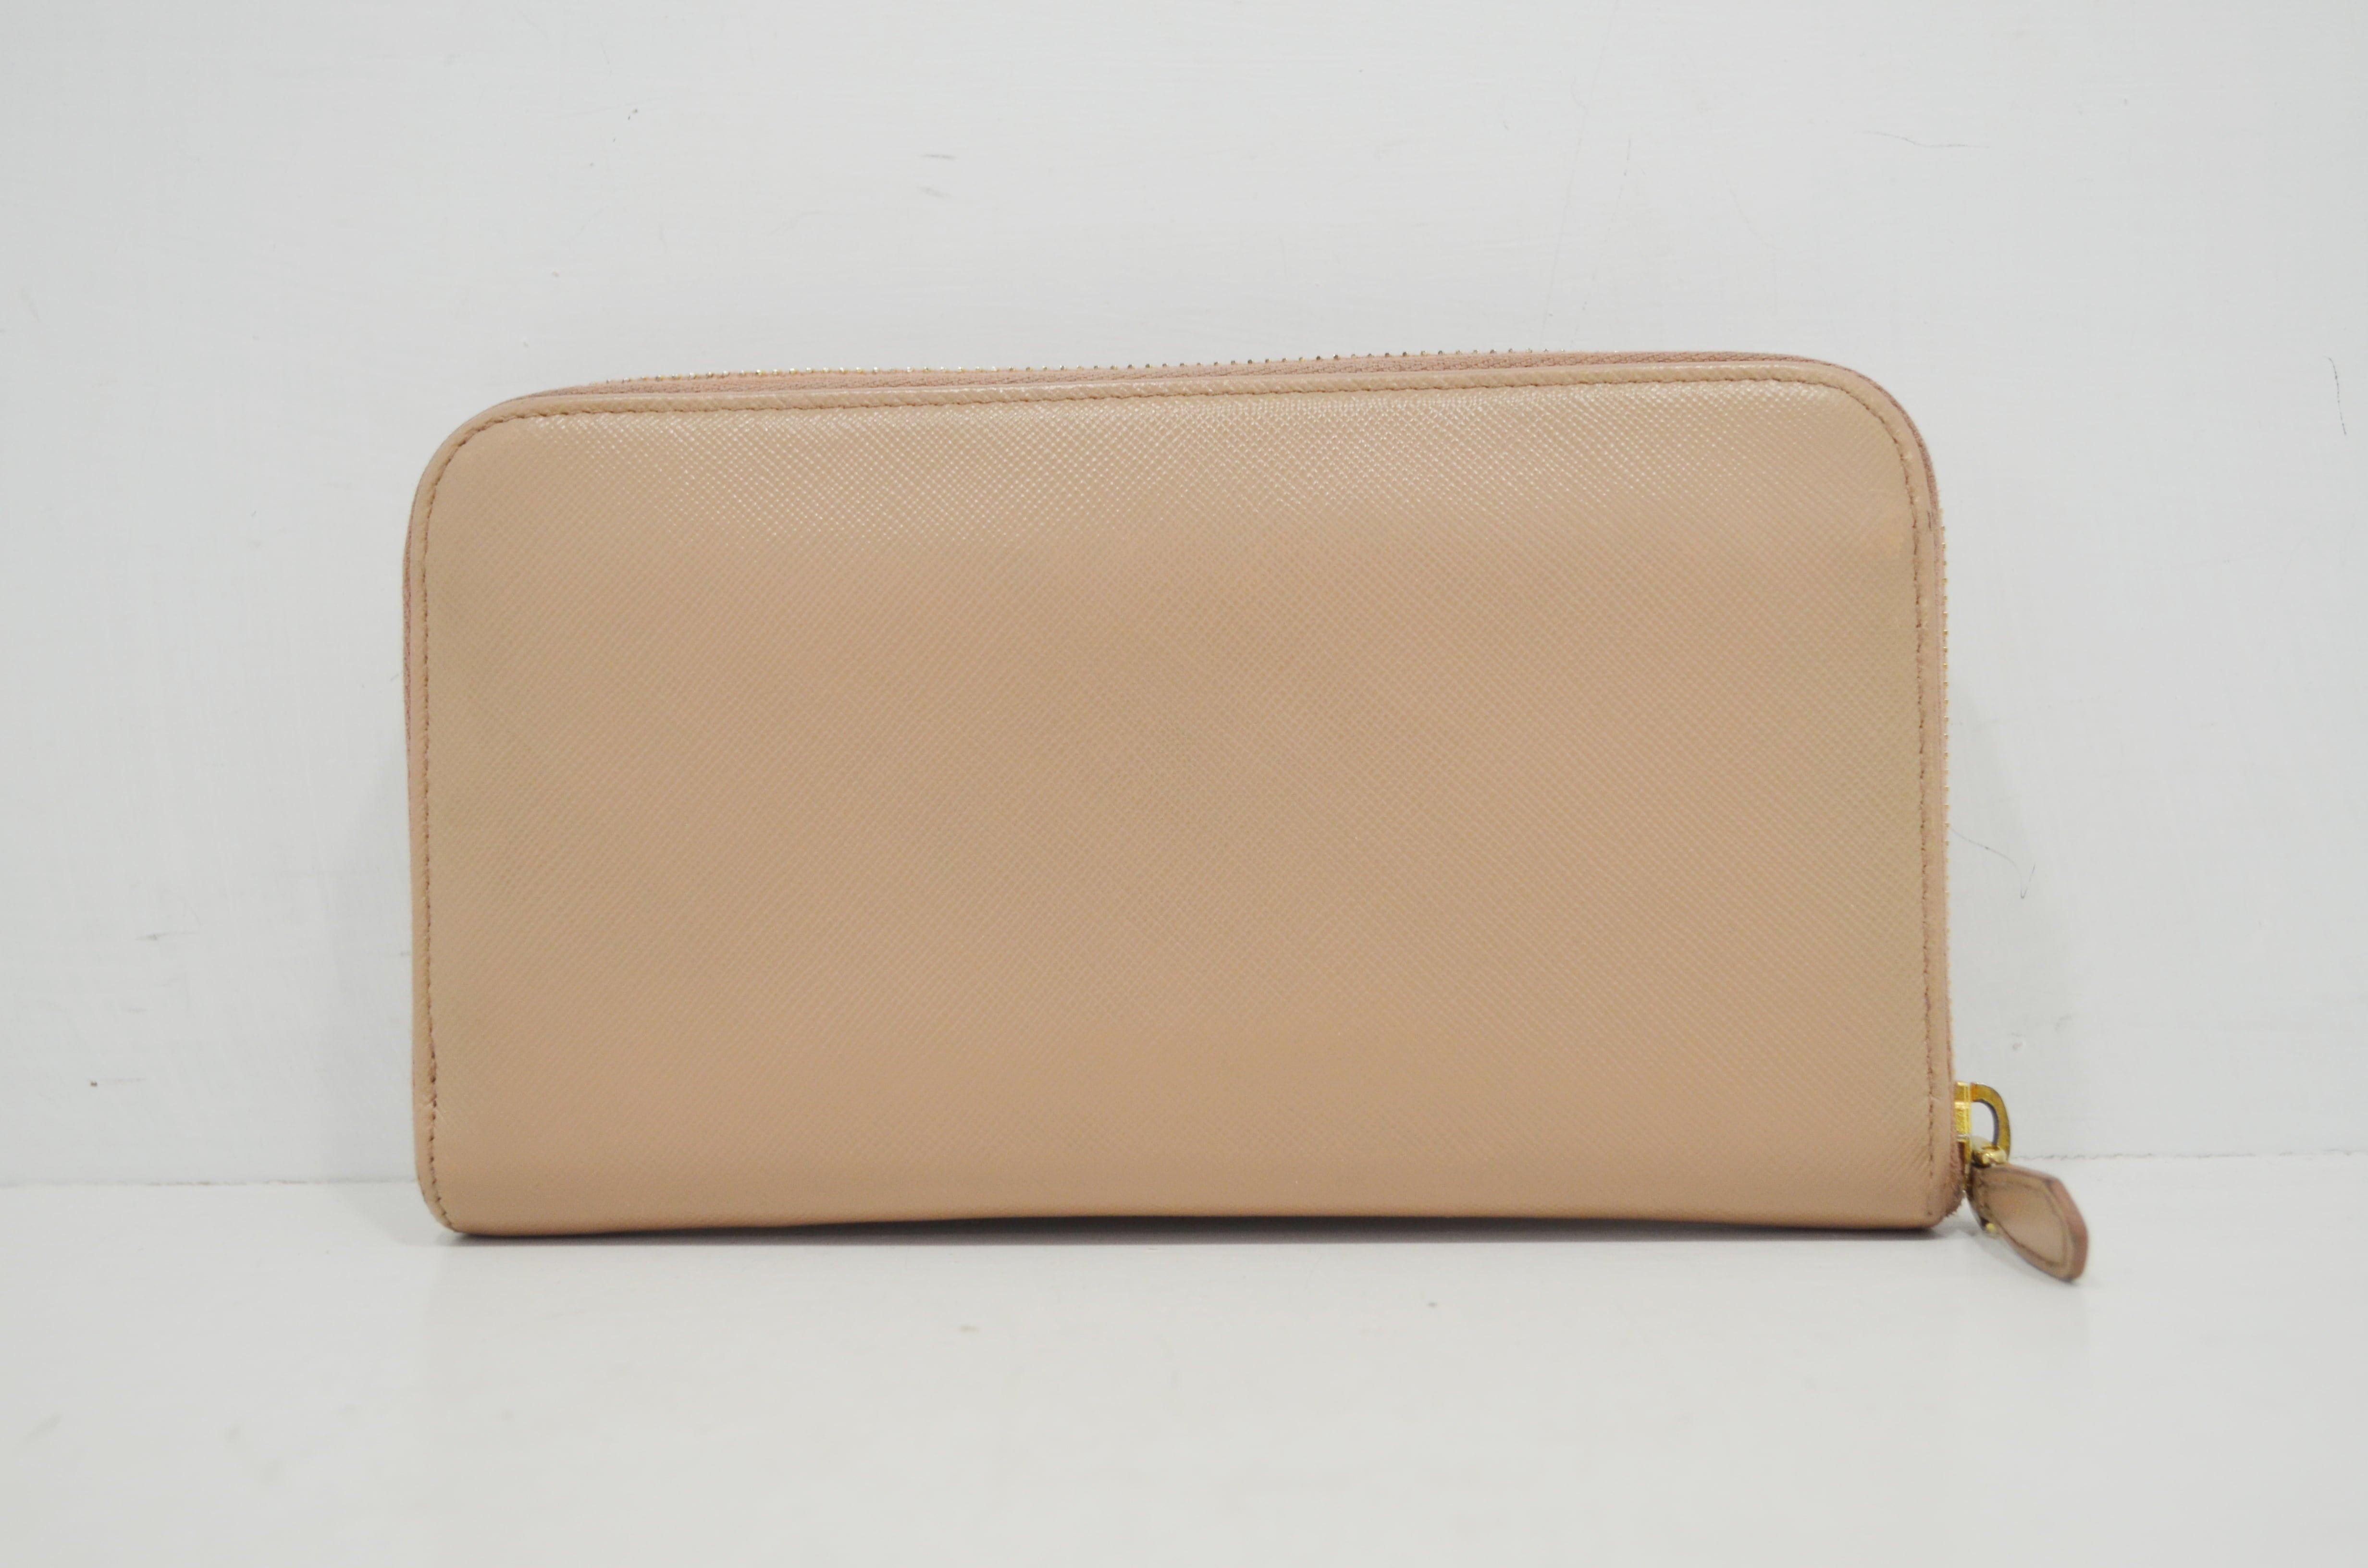 プラダ(PRADA)の財布のクリーニング作業例背面ークリーニング後